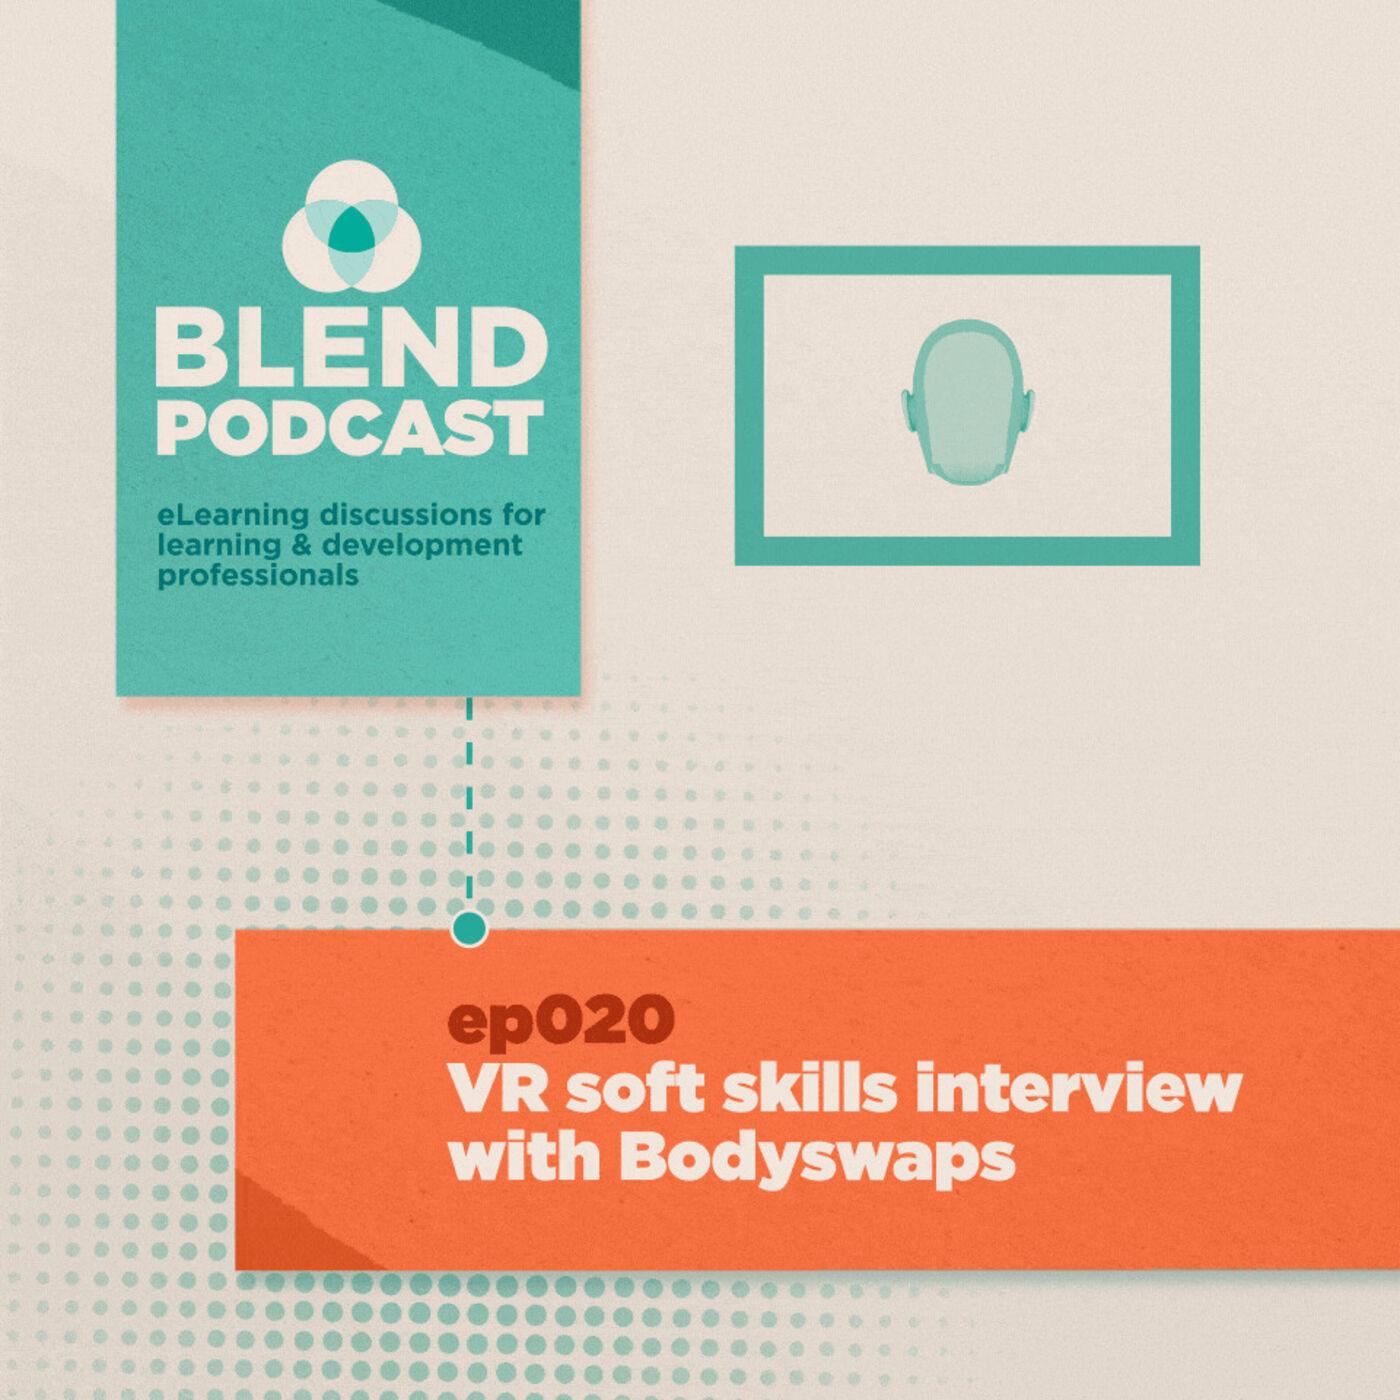 #20 VR Soft Skills with Bodyswaps